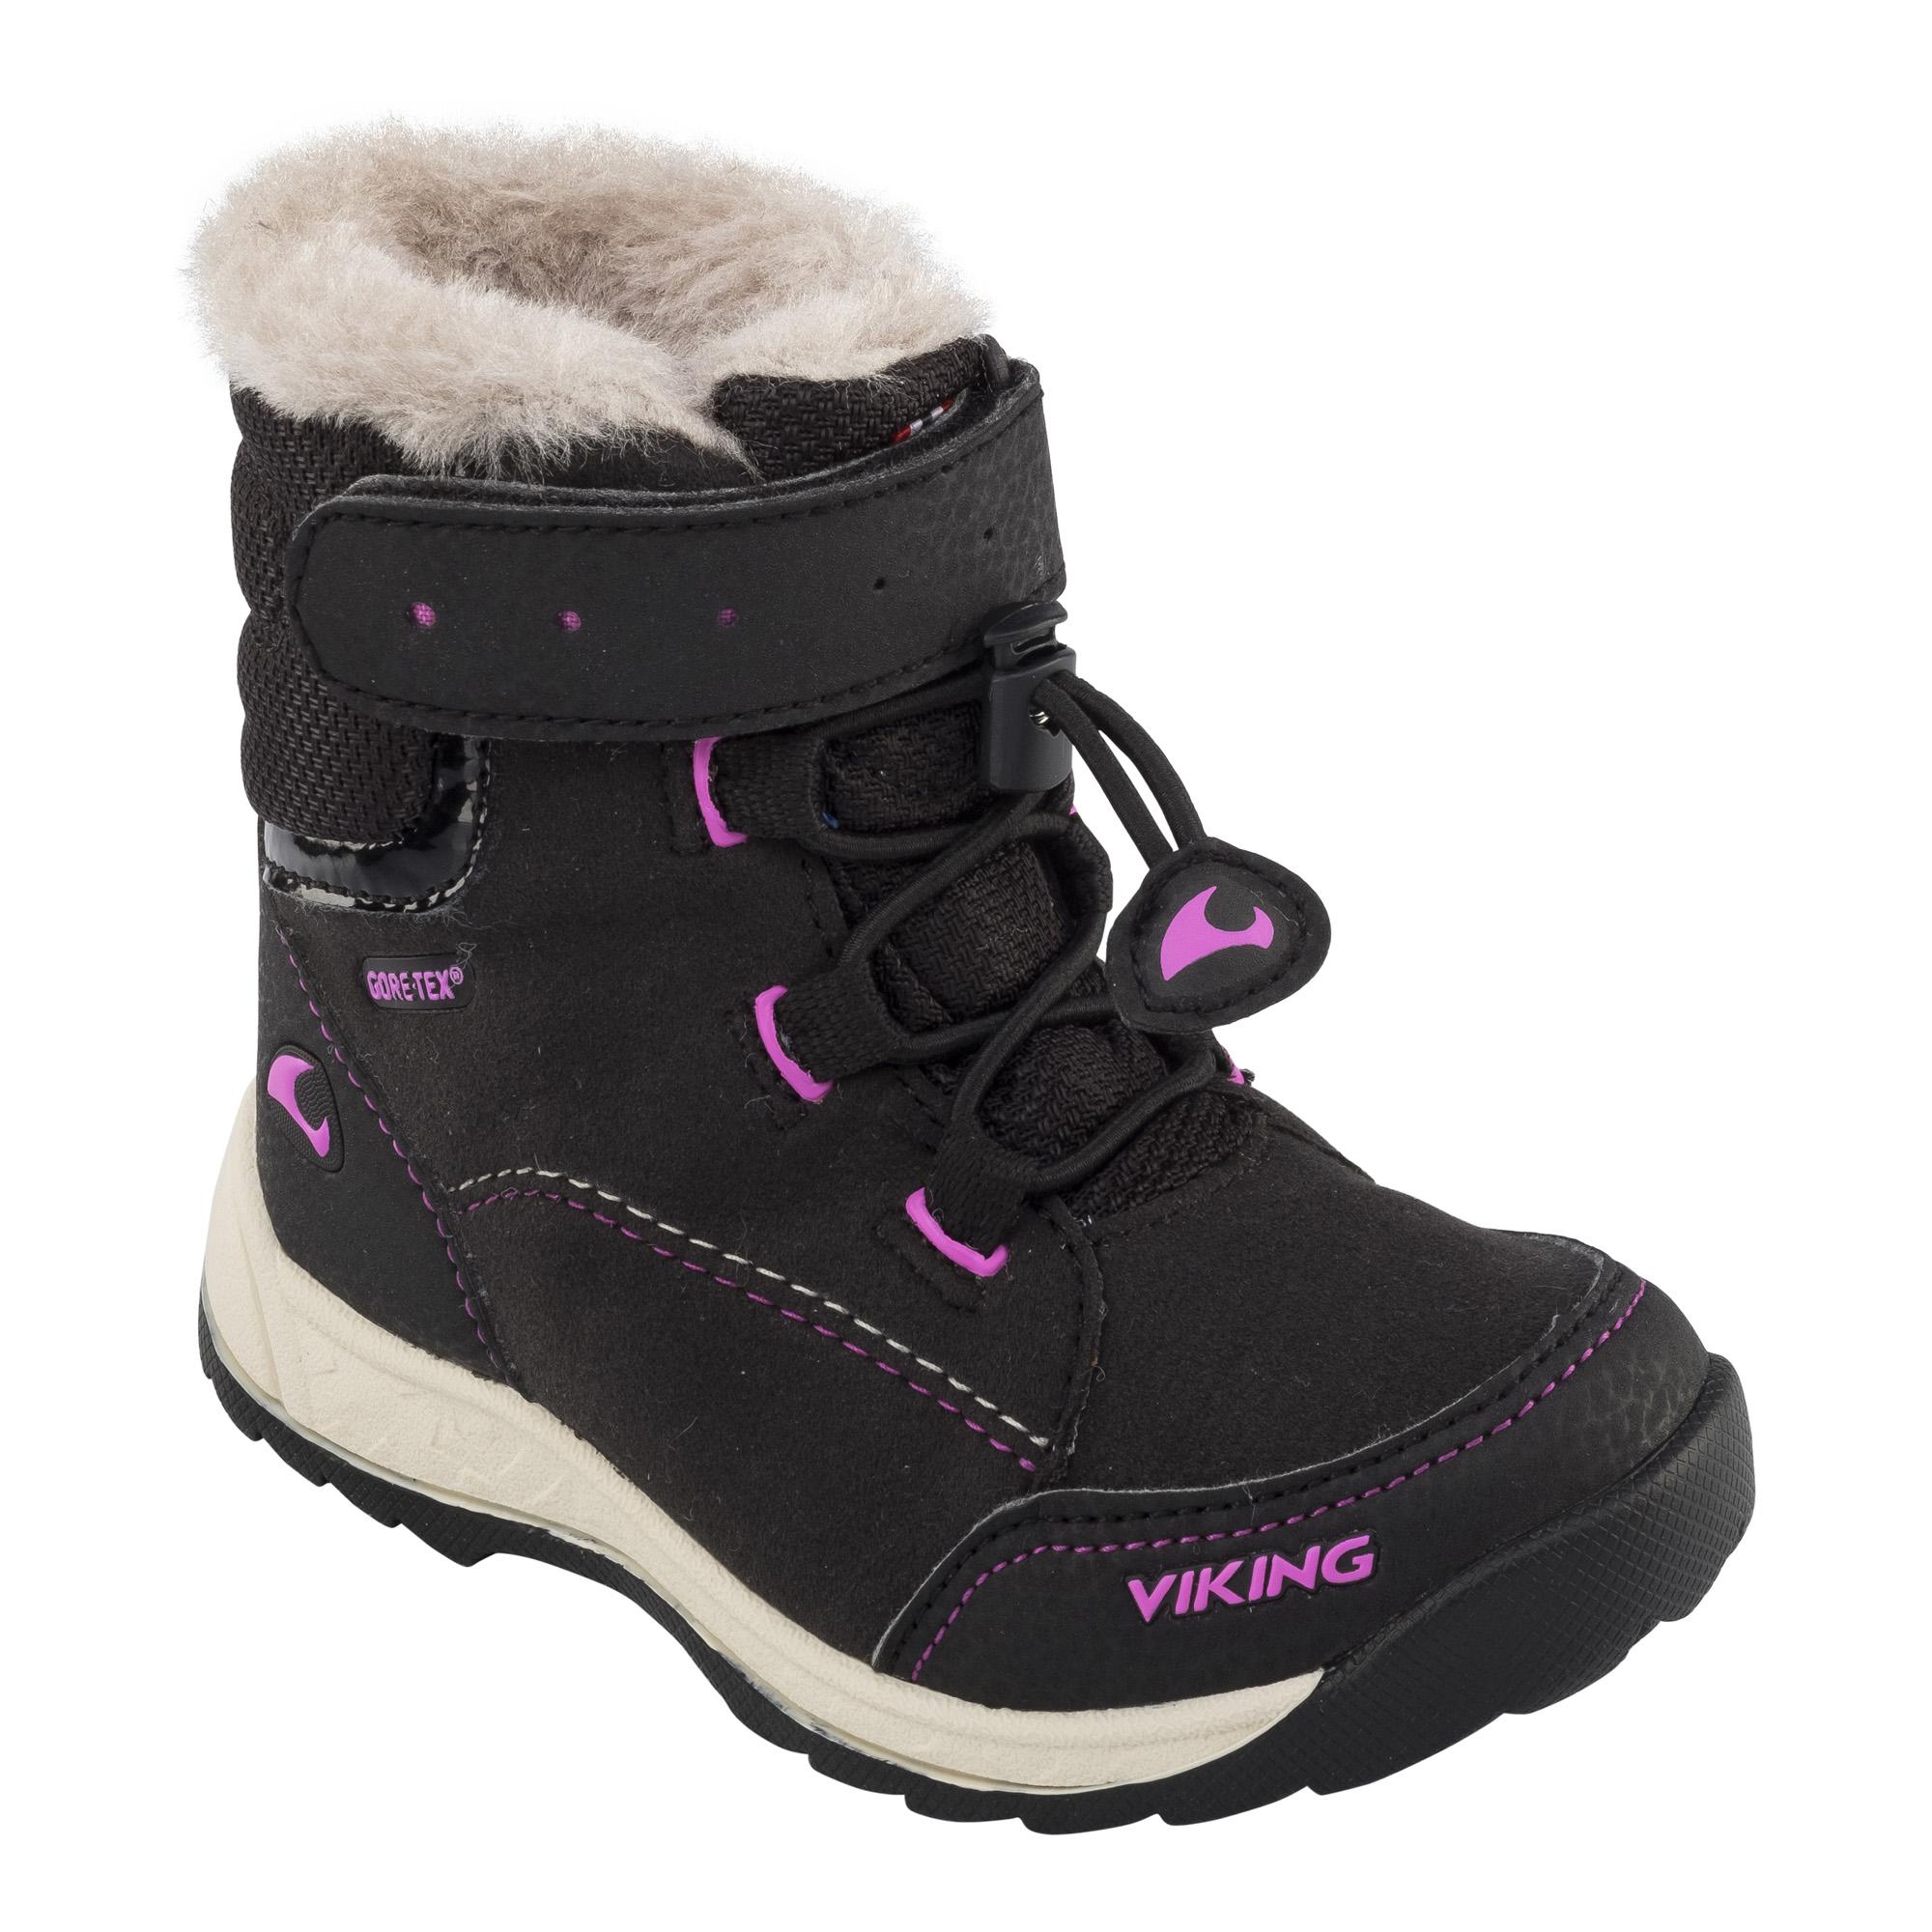 6e535ea4f Saapad - Saapad - Laste jalatsid - Jalatsid